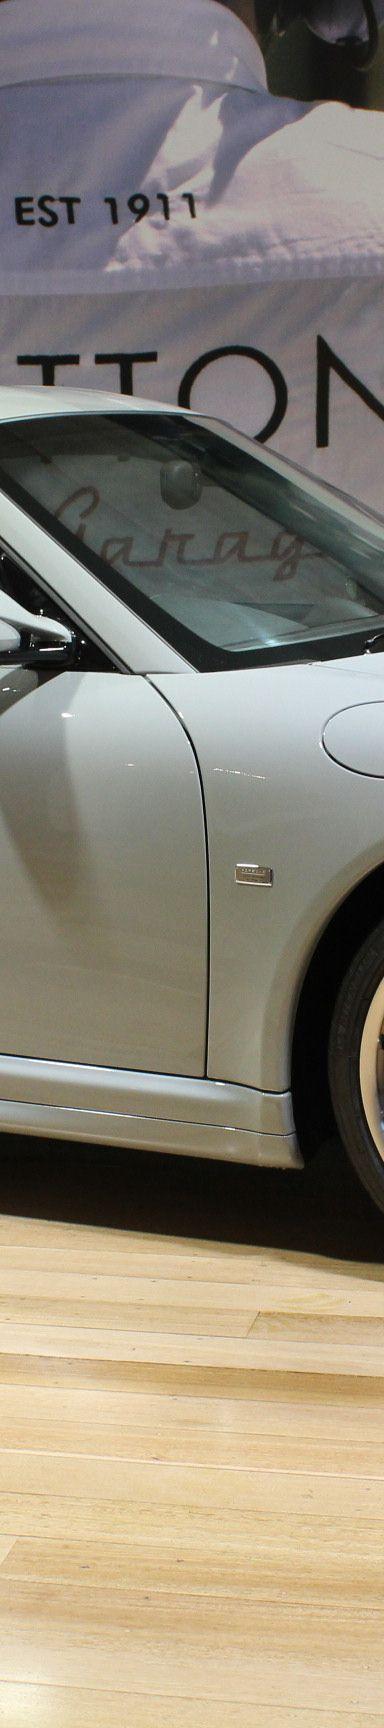 2010 Porsche 911/997 Series 2 Sport Classic for sale in Australia